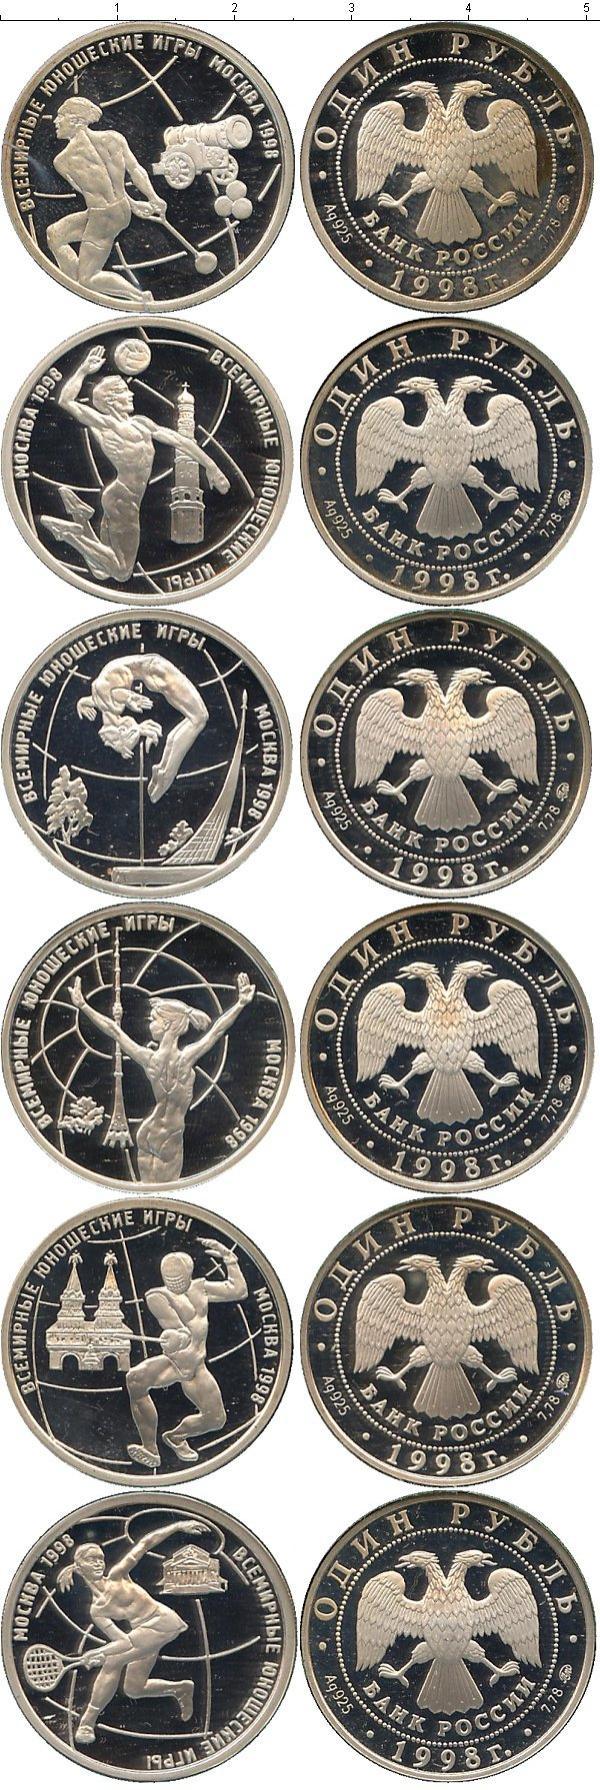 Каталог монет - Россия Всемирные юношеские игры 1998